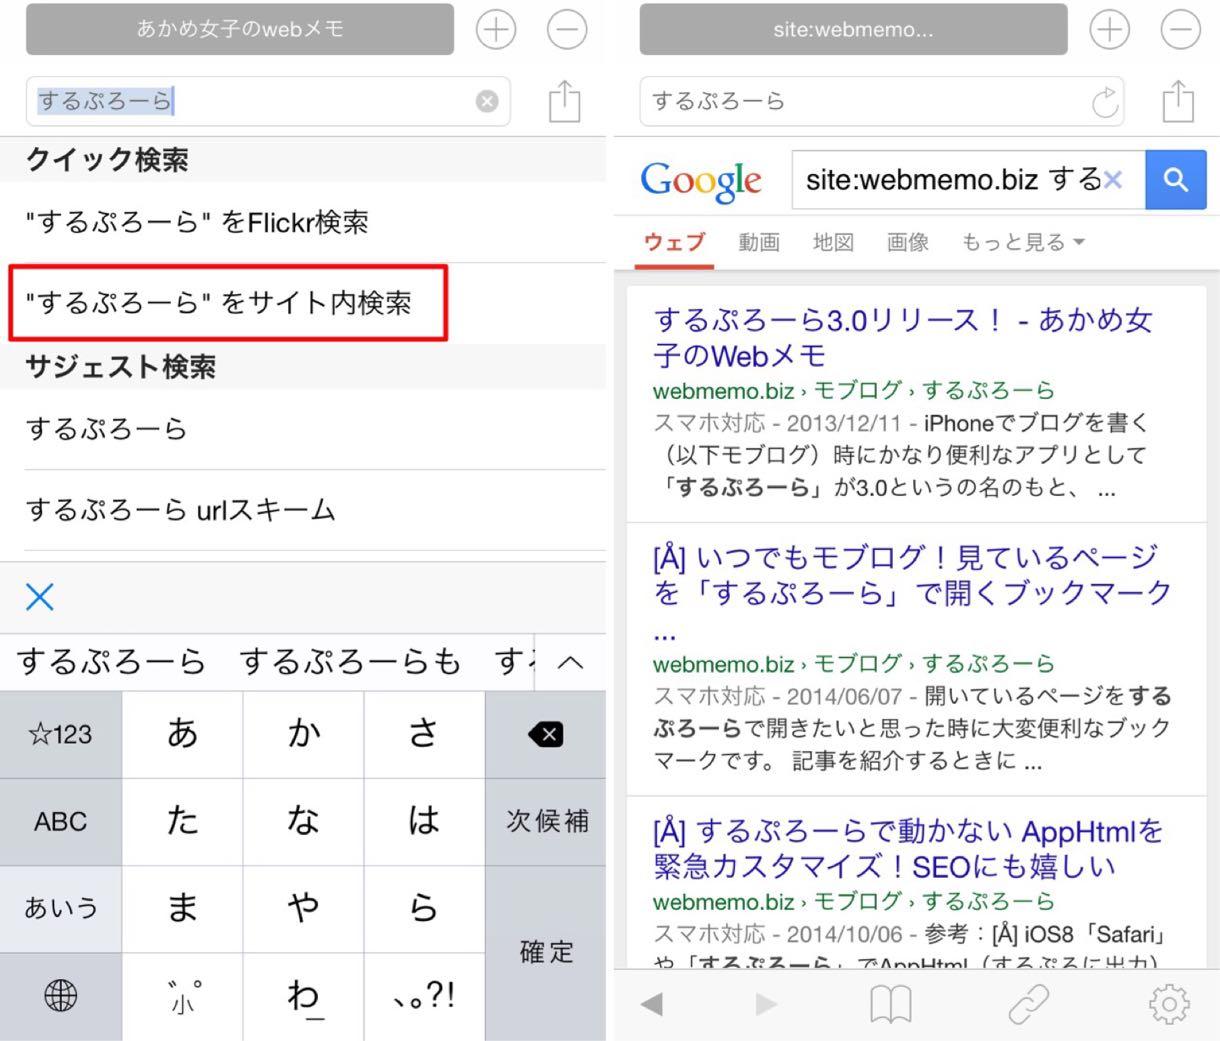 サイト内検索とFlickr検索